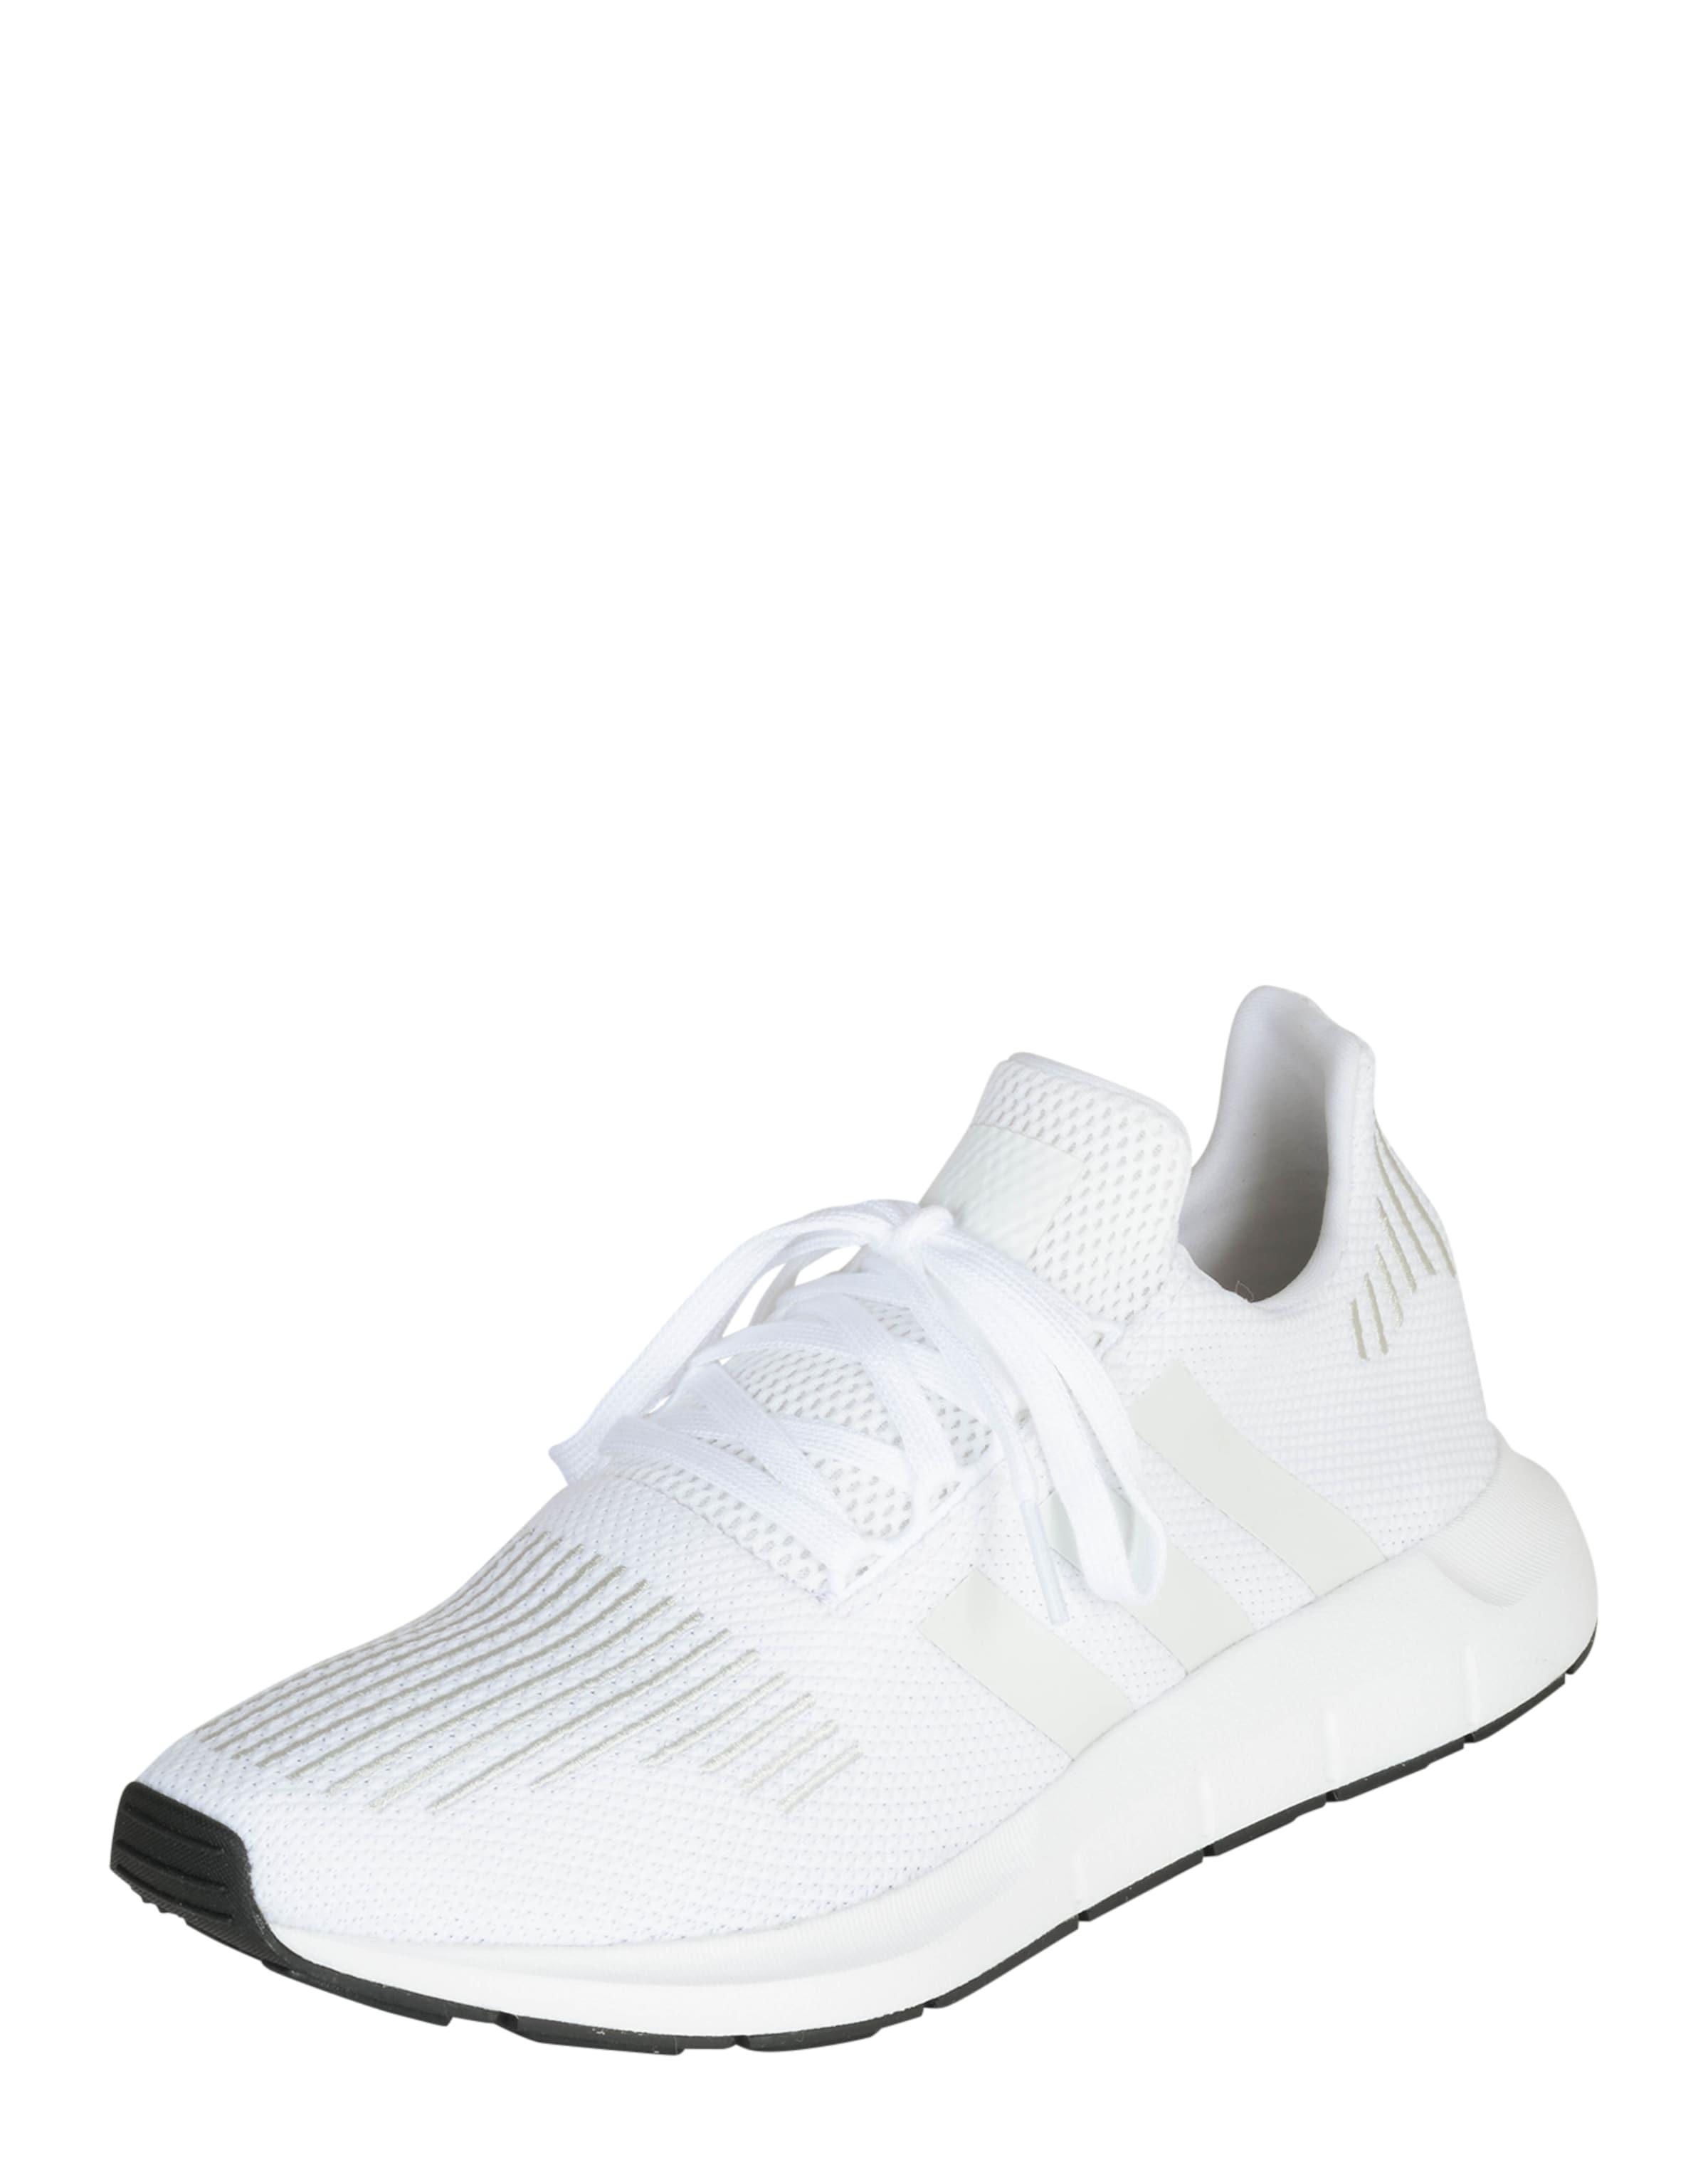 Adidas Originals Sneakers Couche Course Rapide « Noir / Blanc vUTPNeA4A